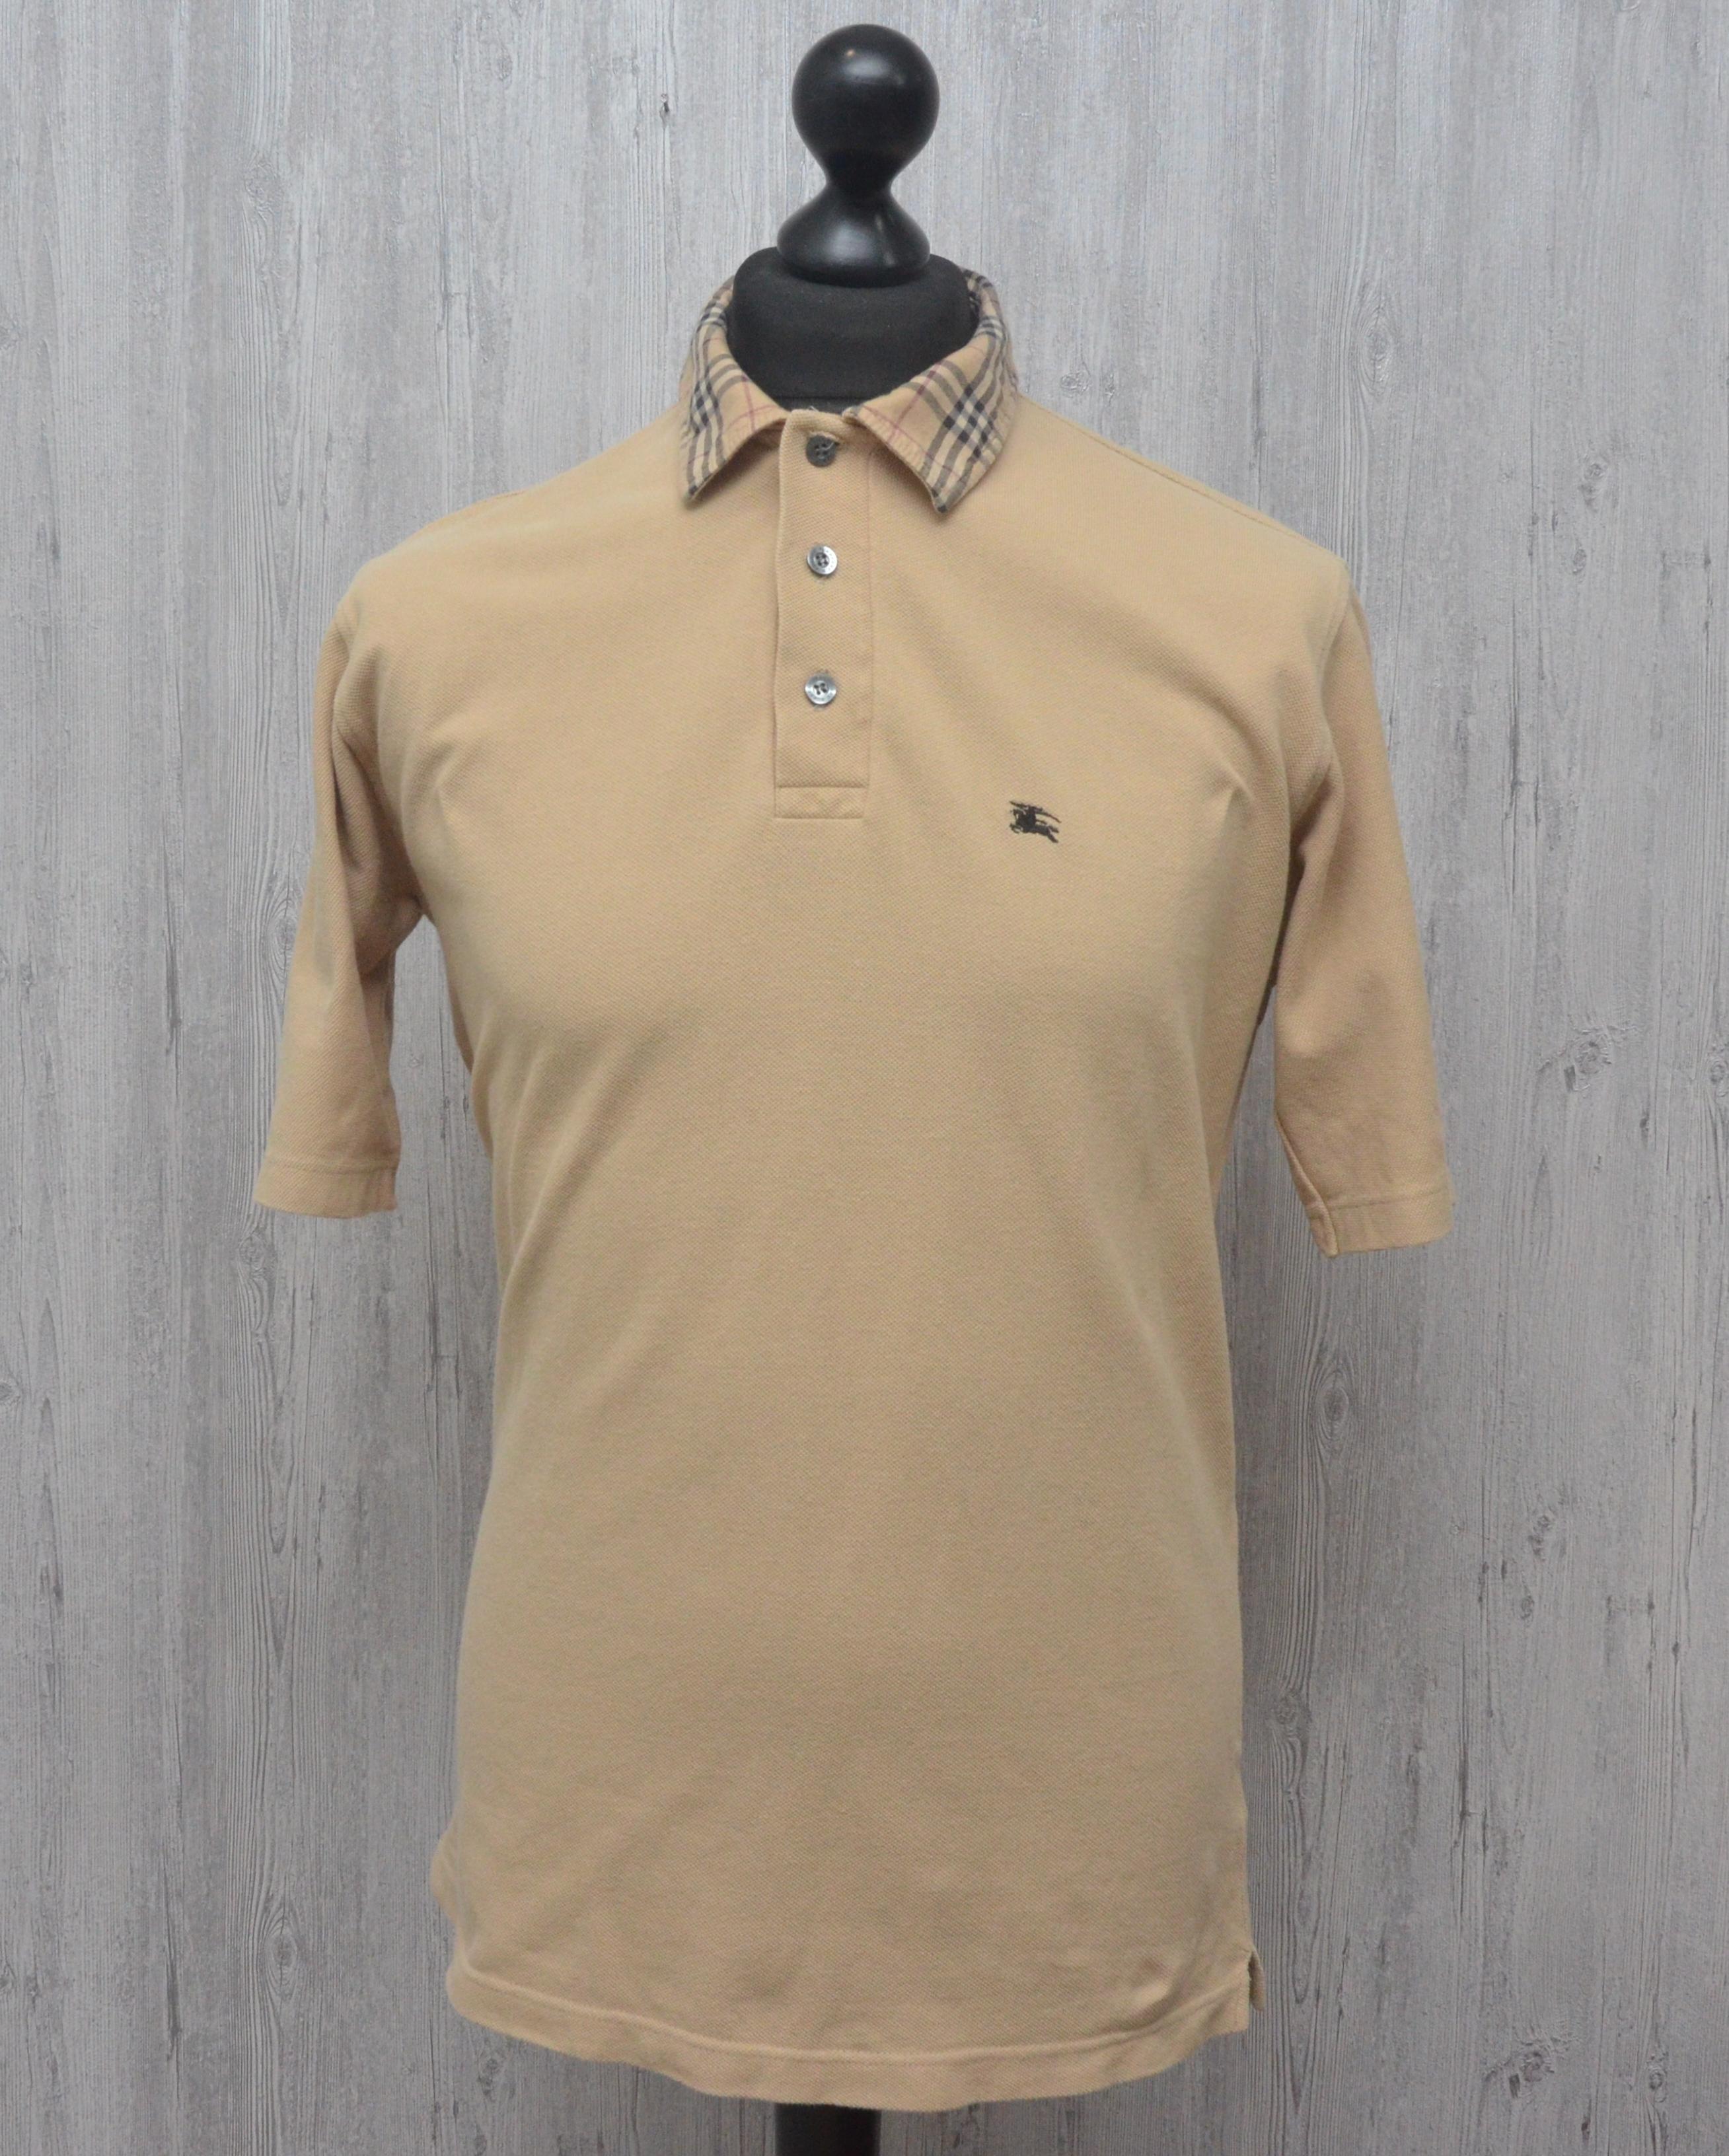 407694ca0 Burberry Polo Shirt Beige Nova Check Collar   Grailed